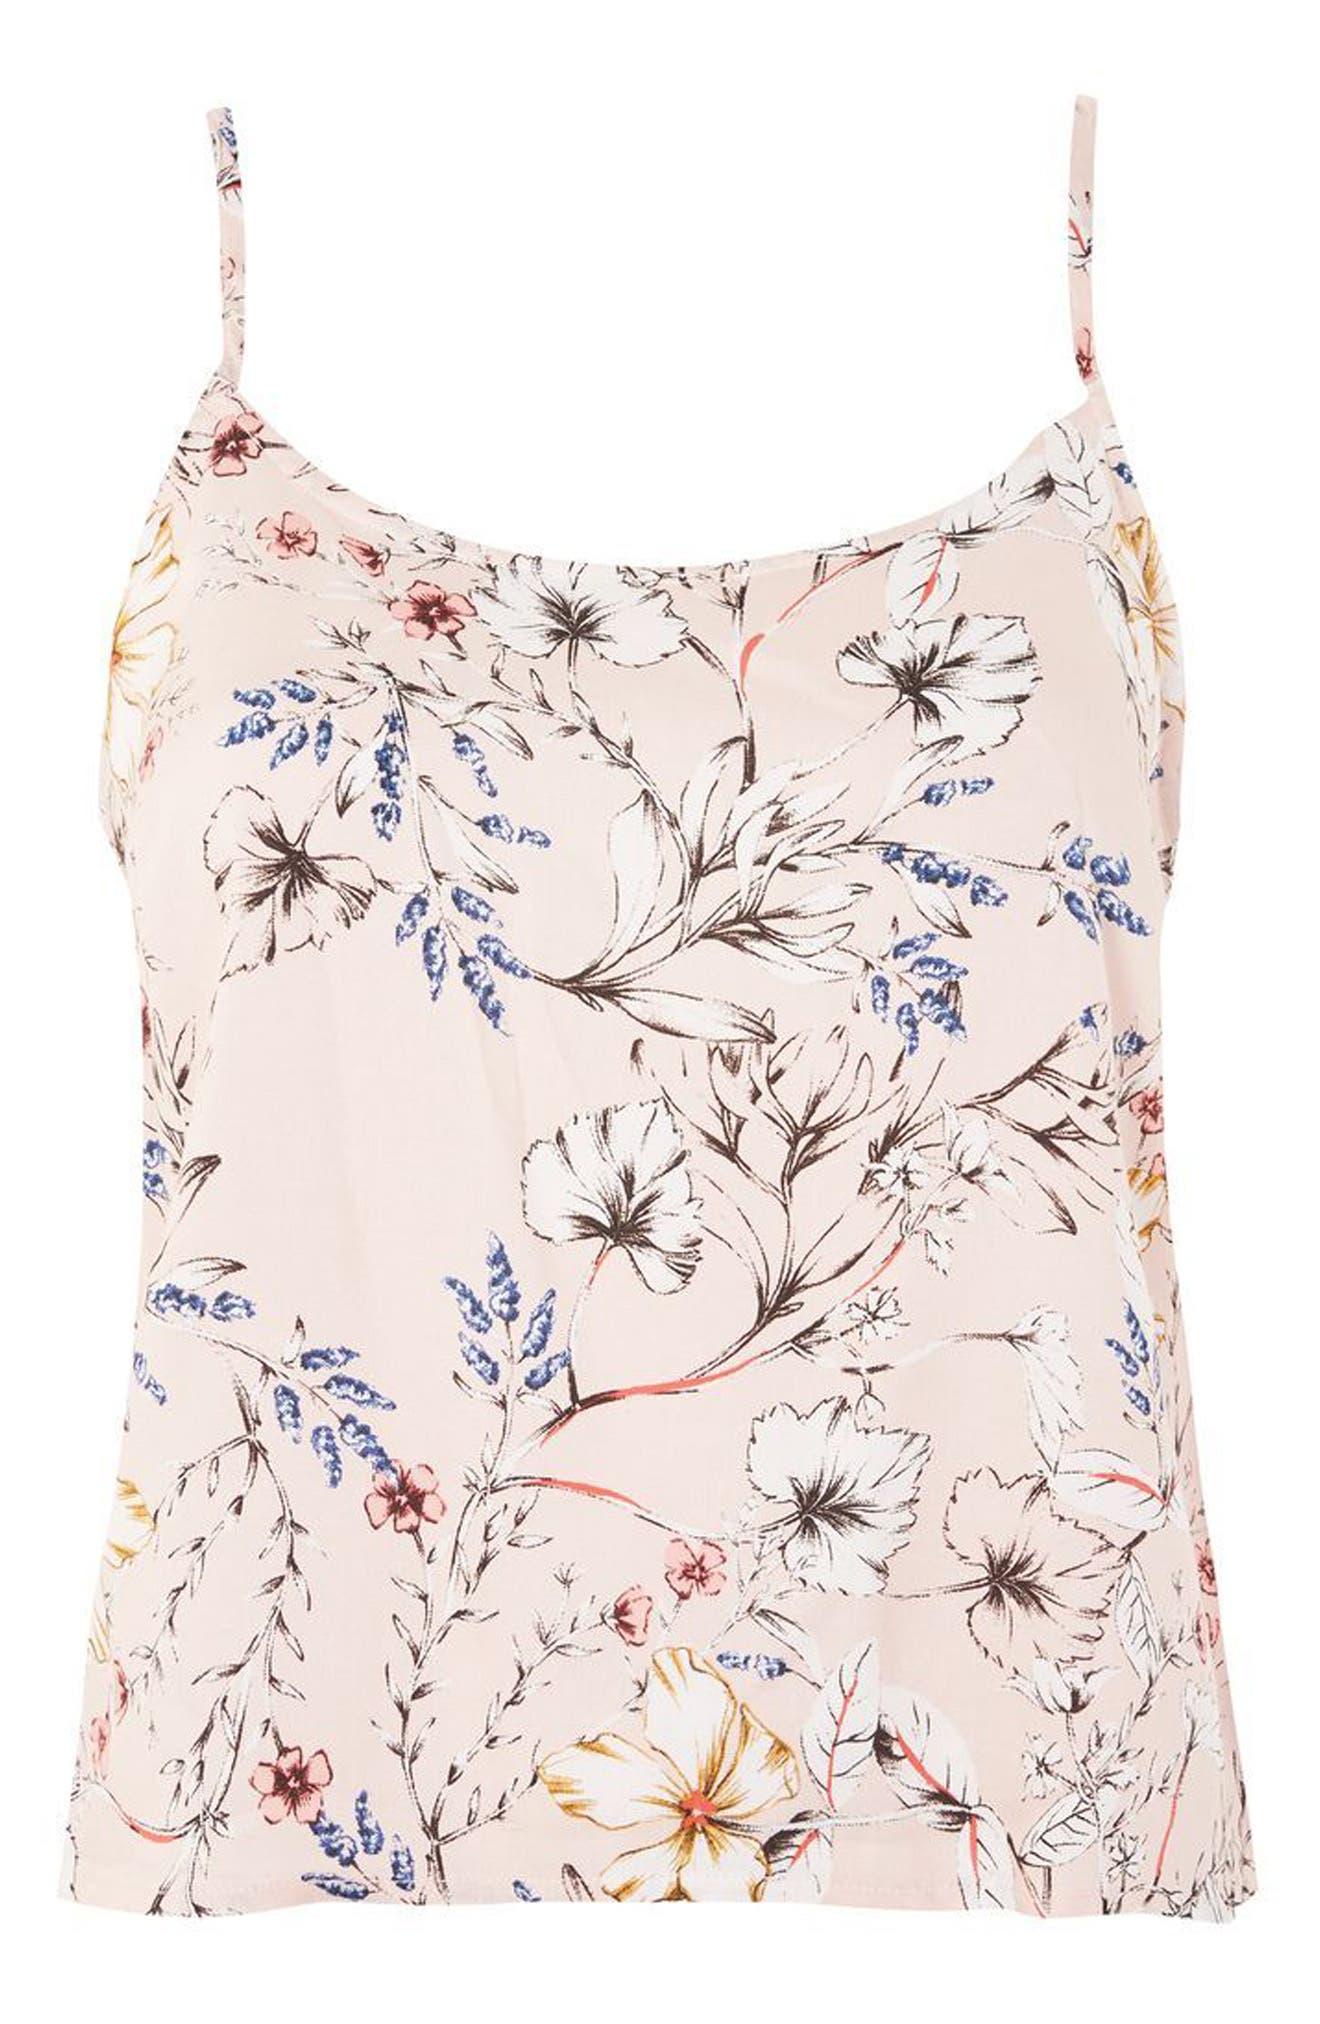 Topshop Sketchy Floral Camisole